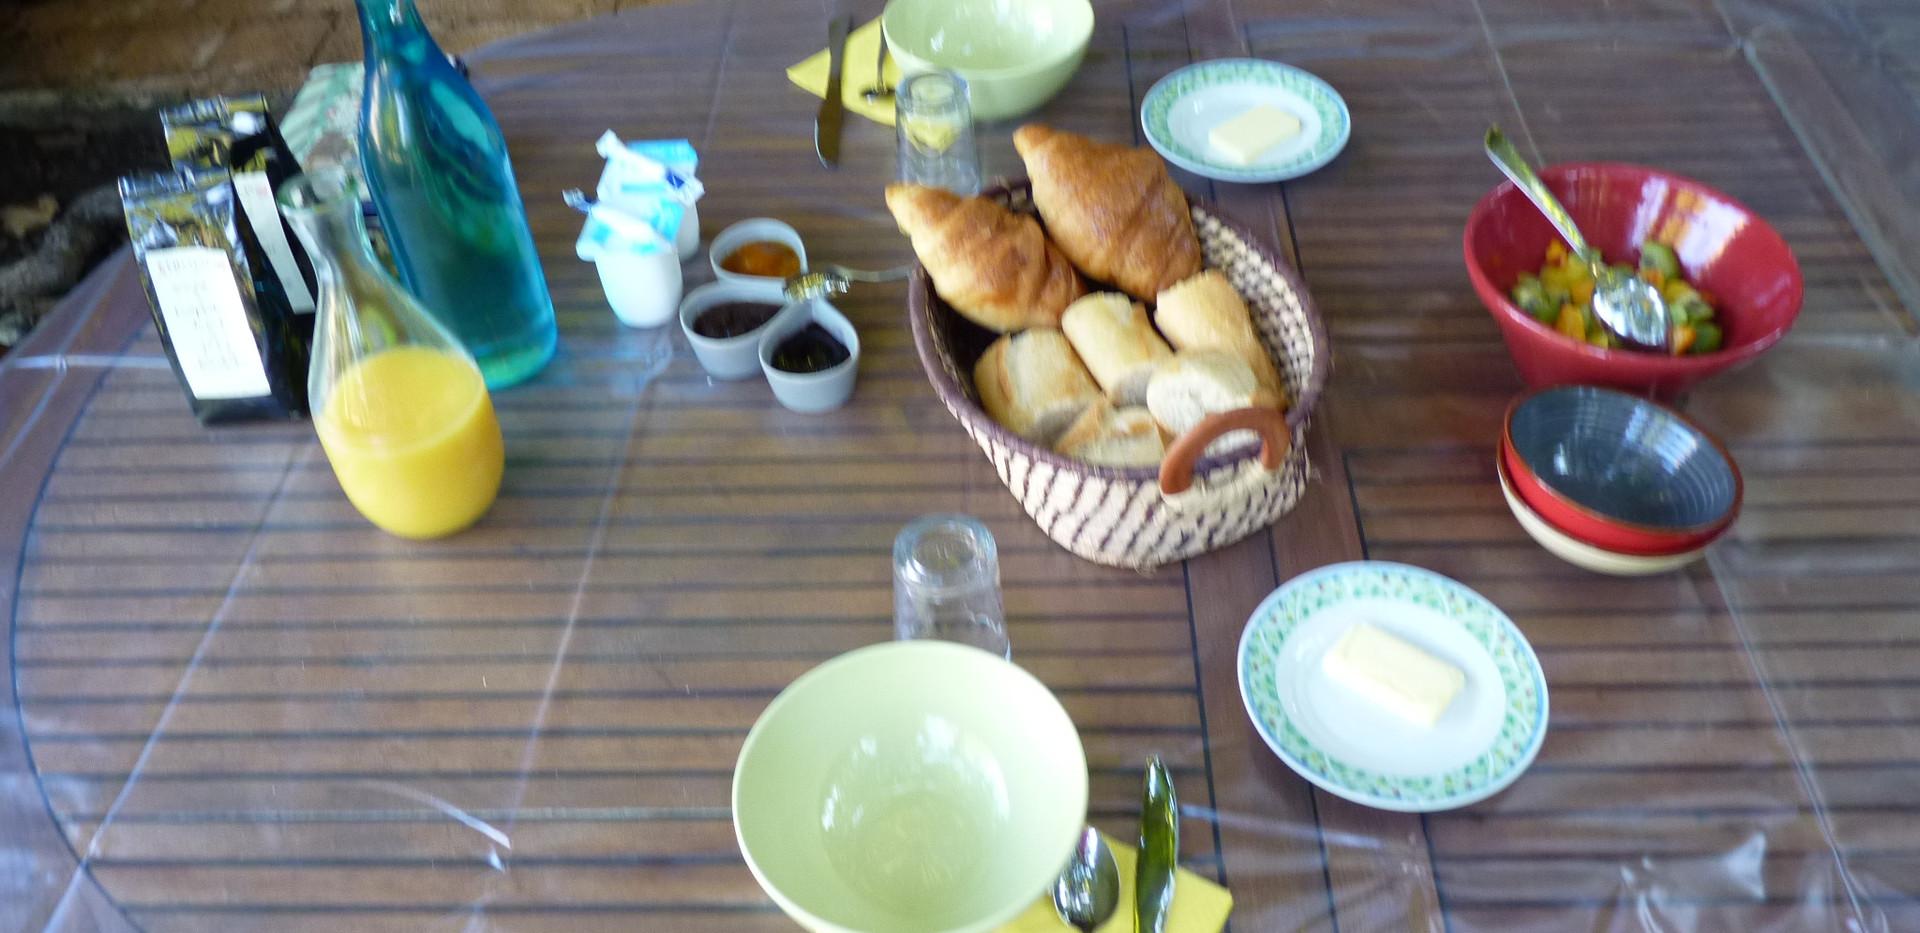 petit déjeuner gourmand